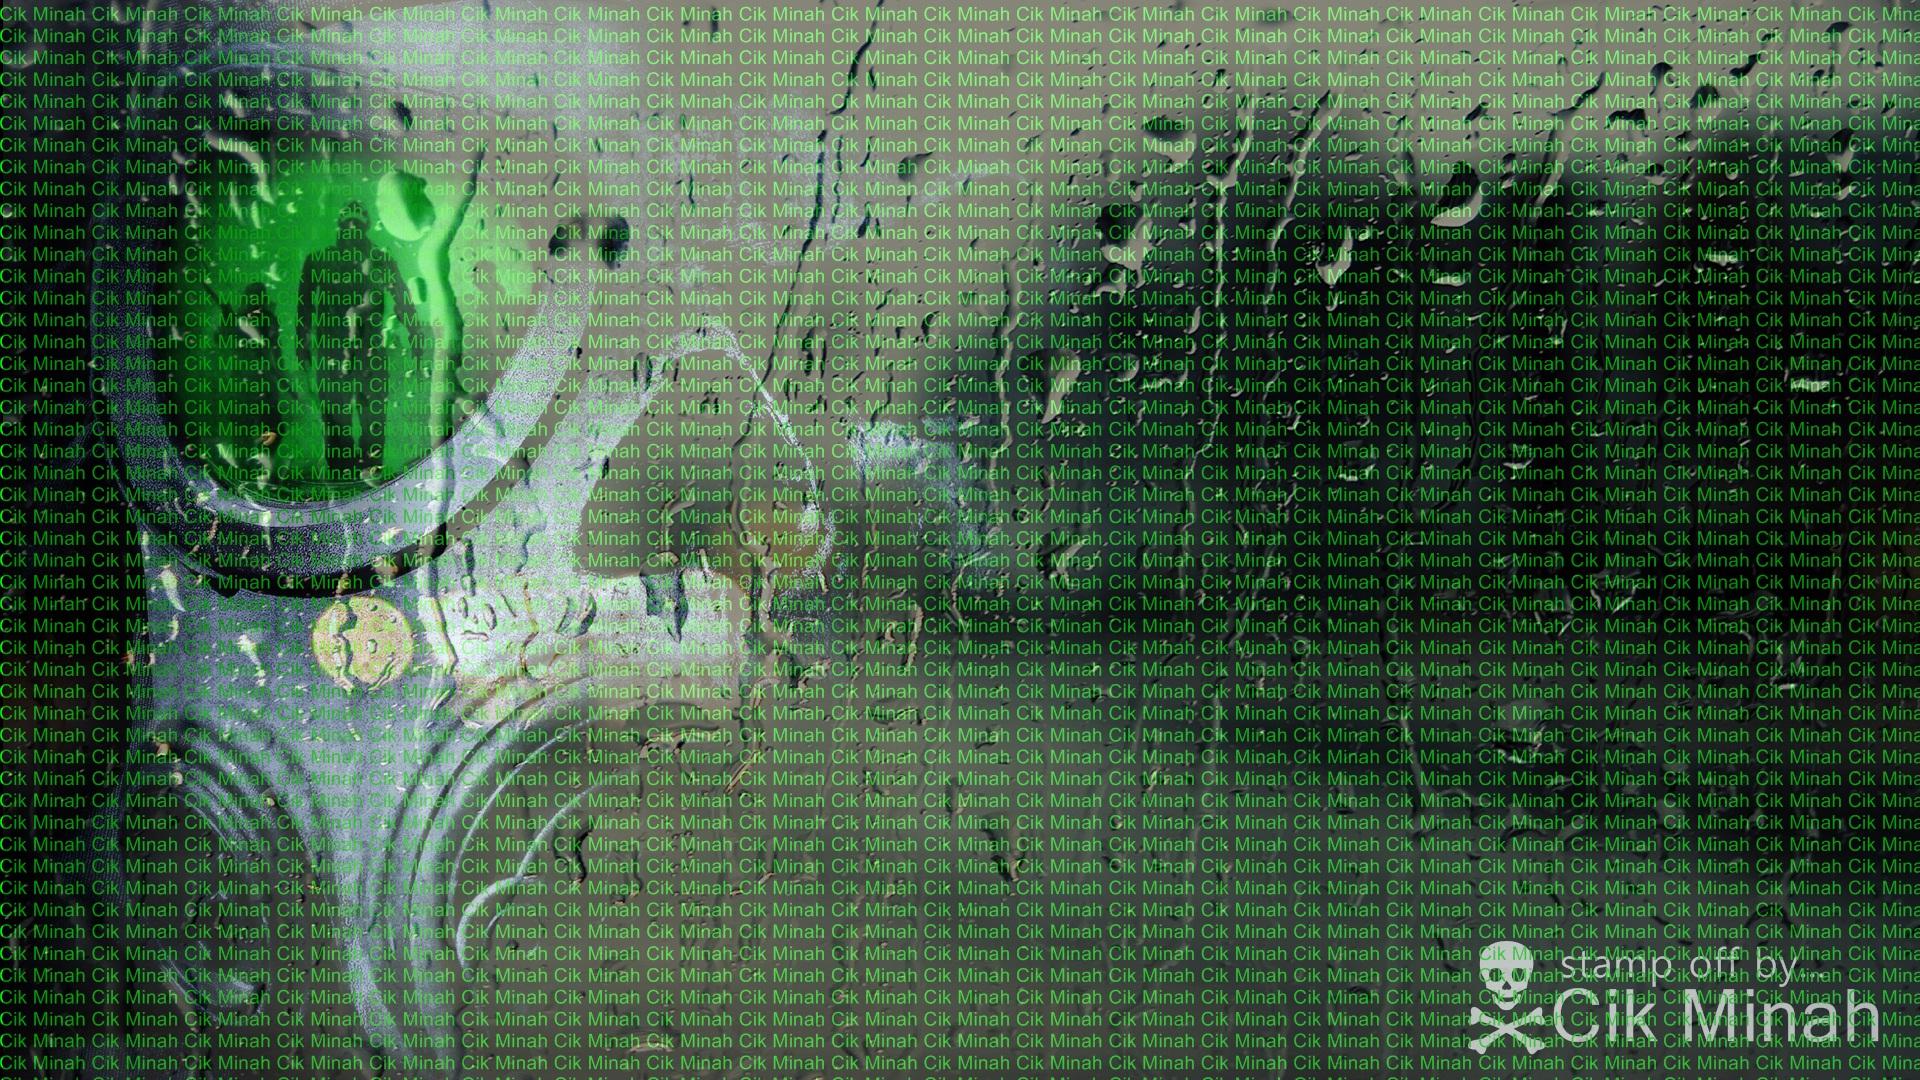 cikminah4.jpg - 1.37 MB